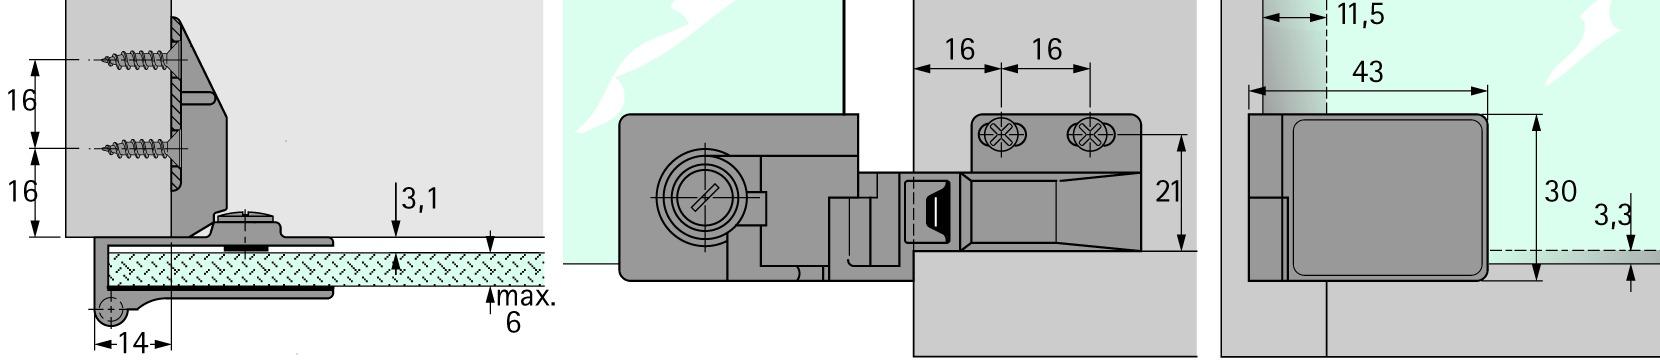 Glastürscharniere HETTICH ET 5160